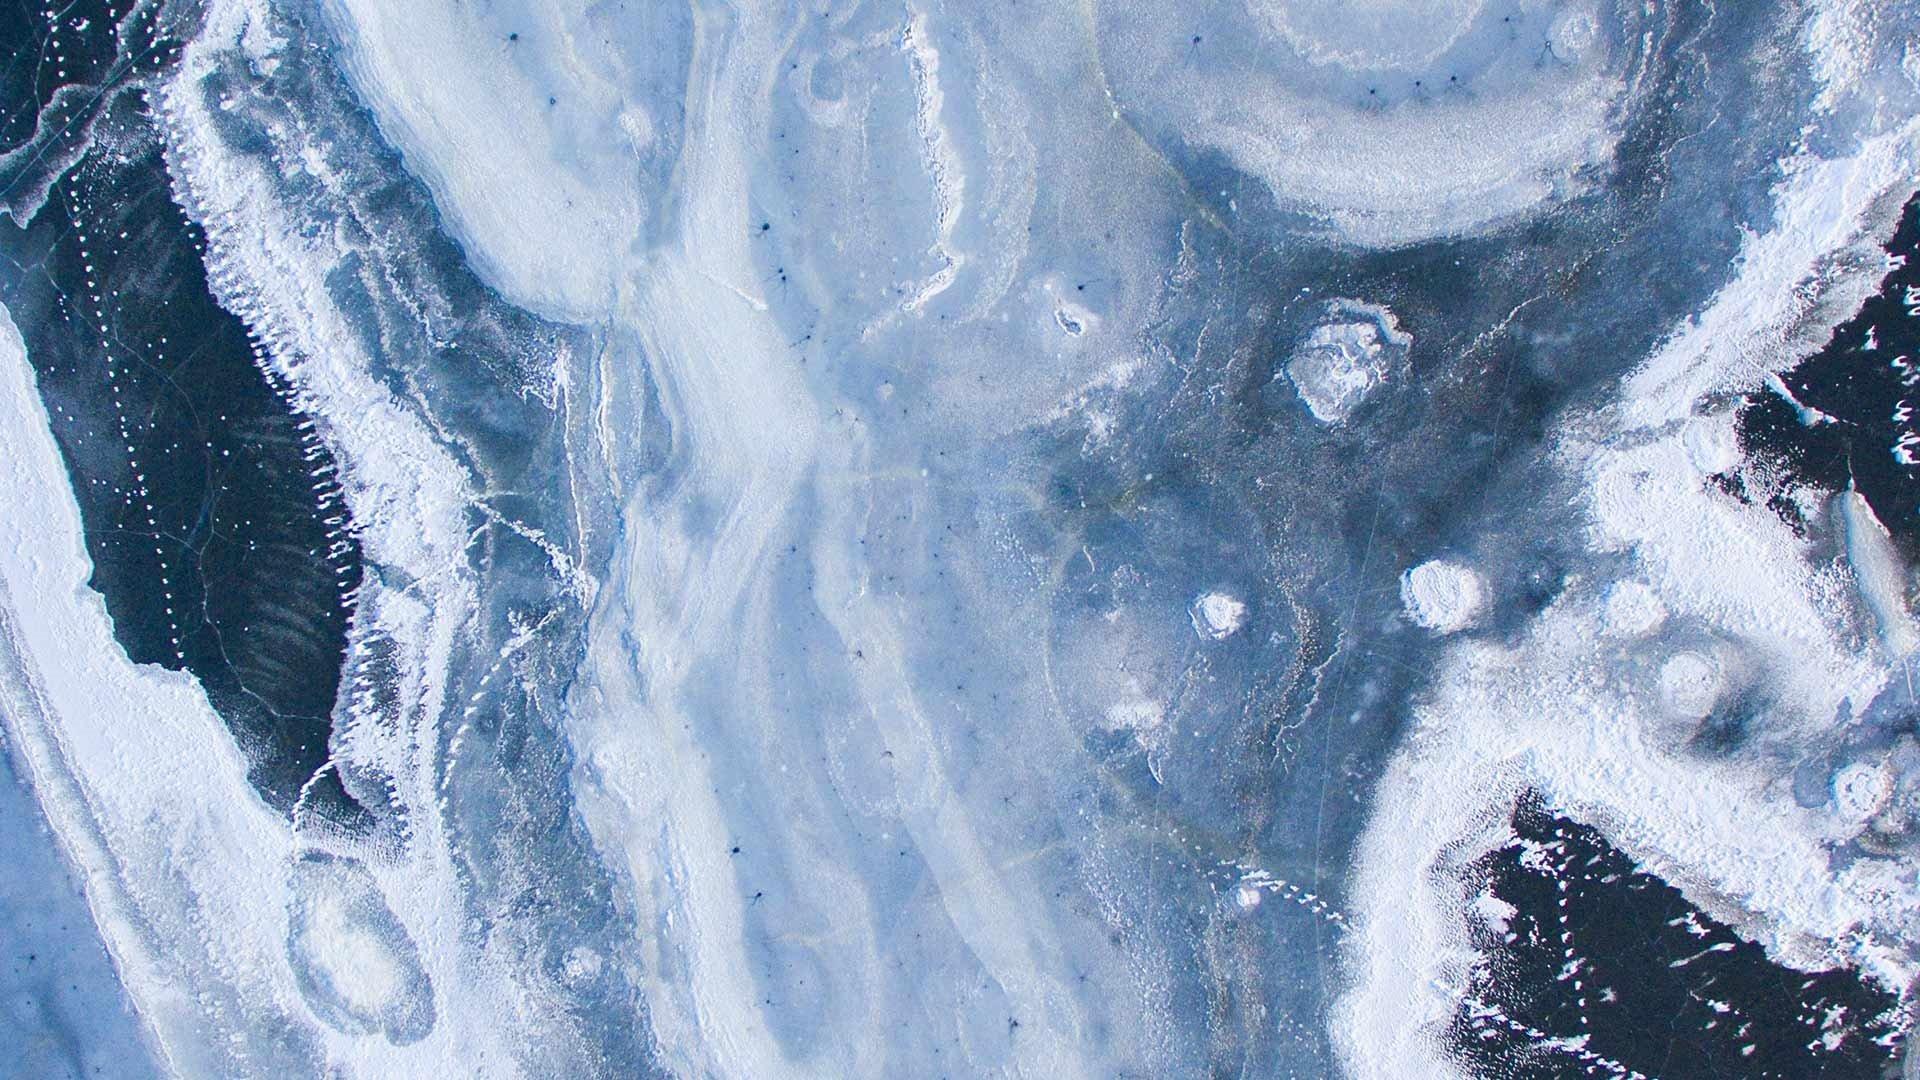 Blue Aesthetic Wallpaper HD